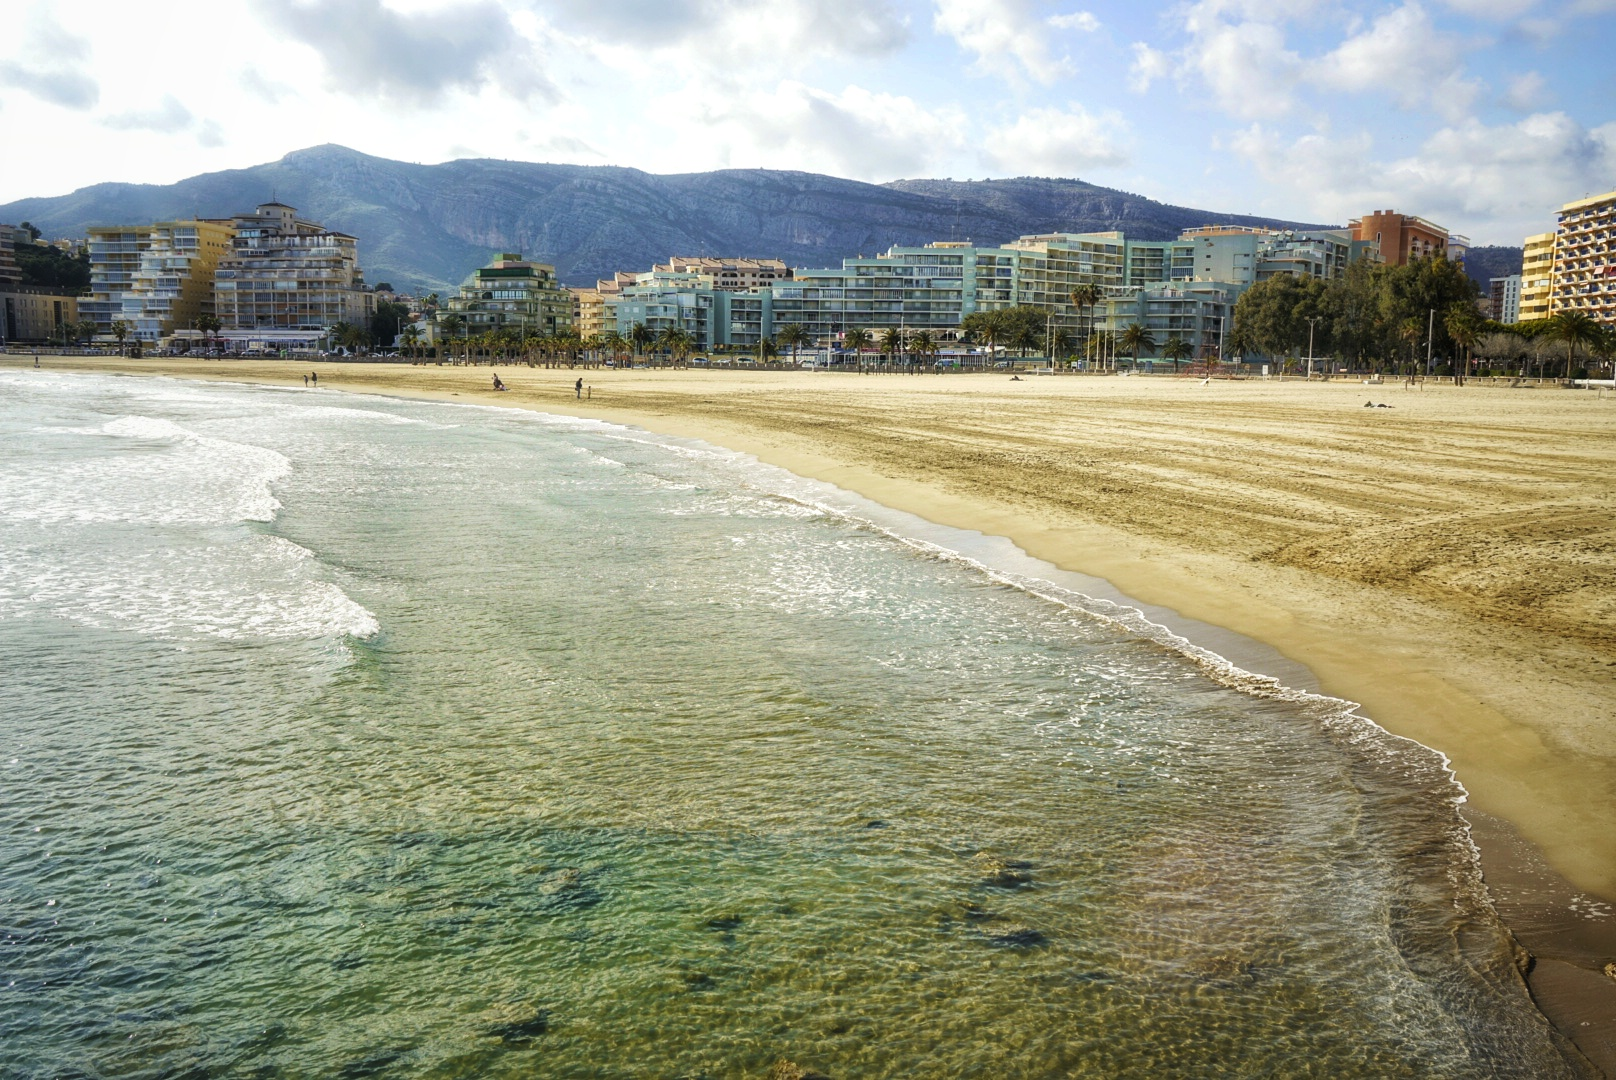 Playa de la Concha de Oropesa del Mar